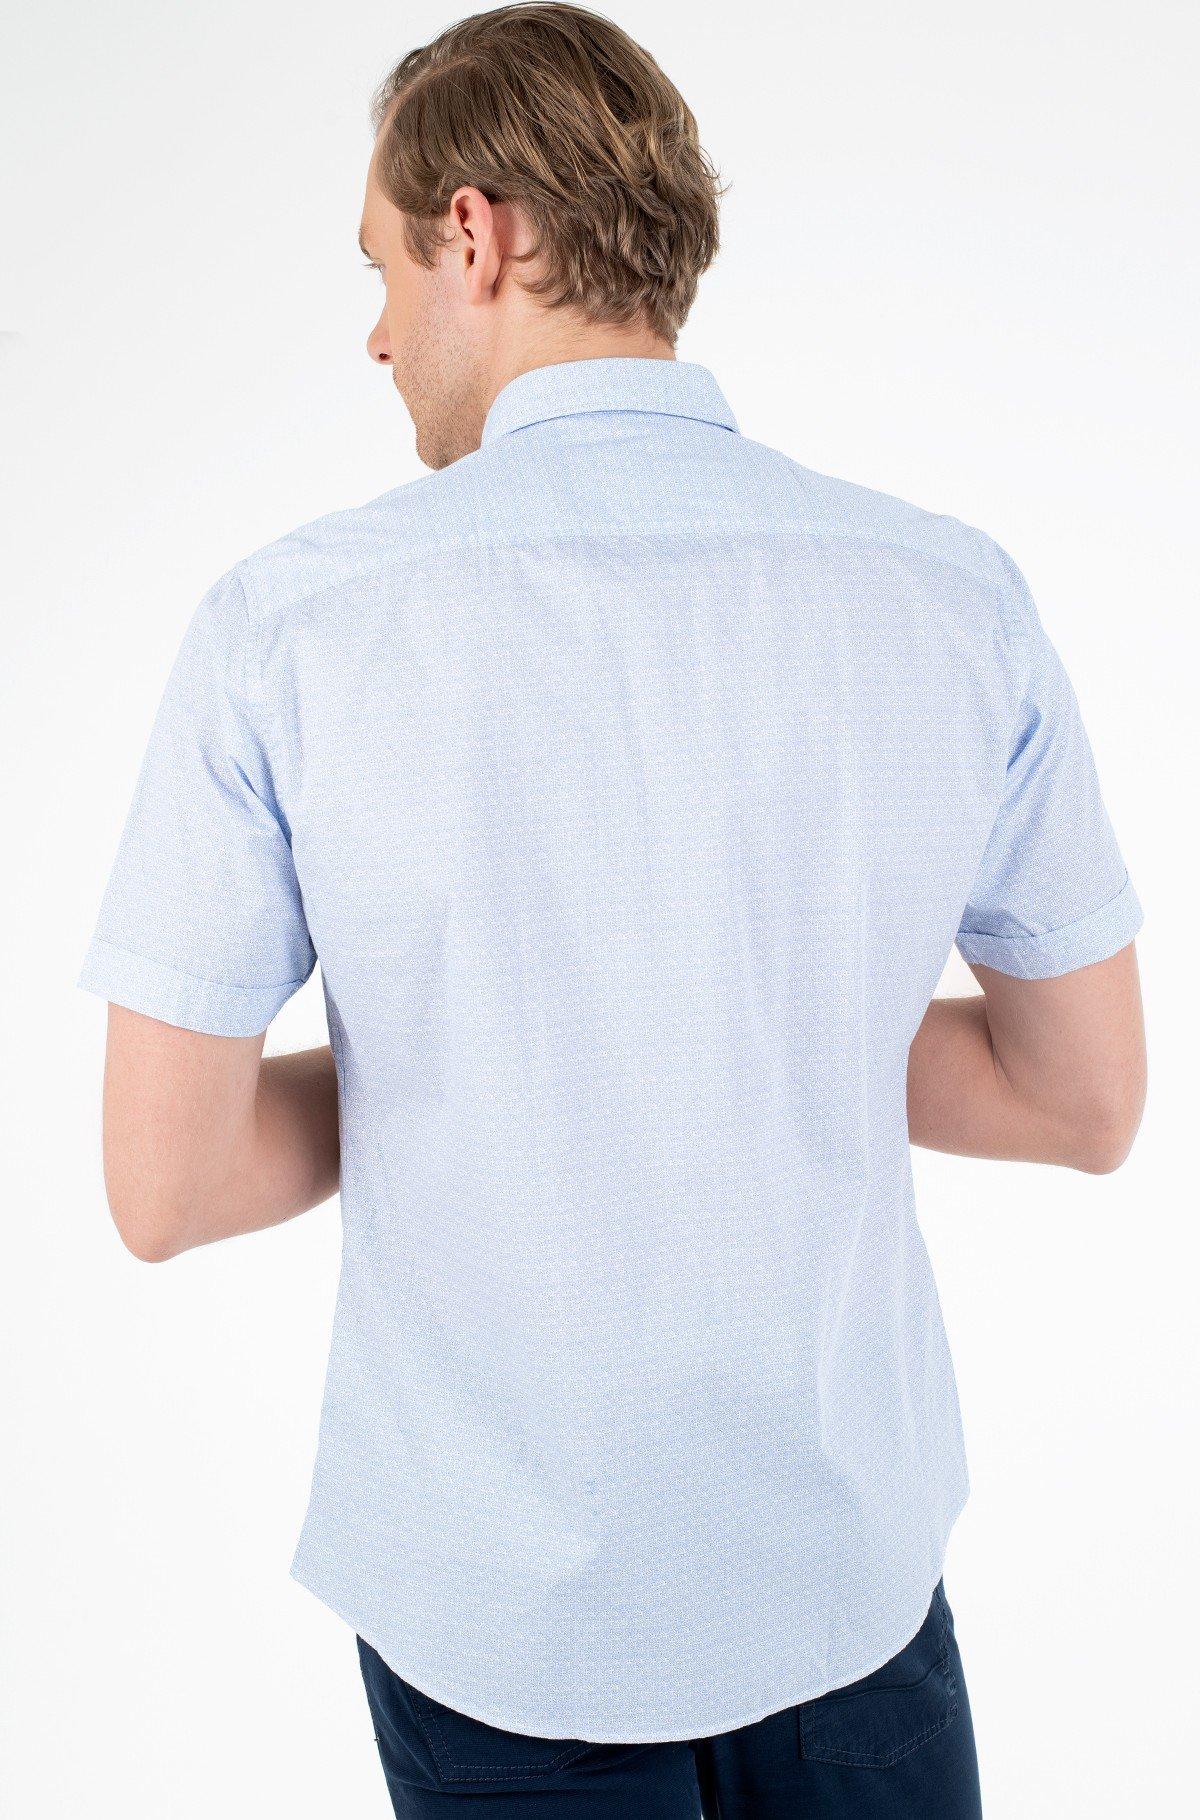 Marškiniai su trumpomis rankovėmis 53911-27123-full-2